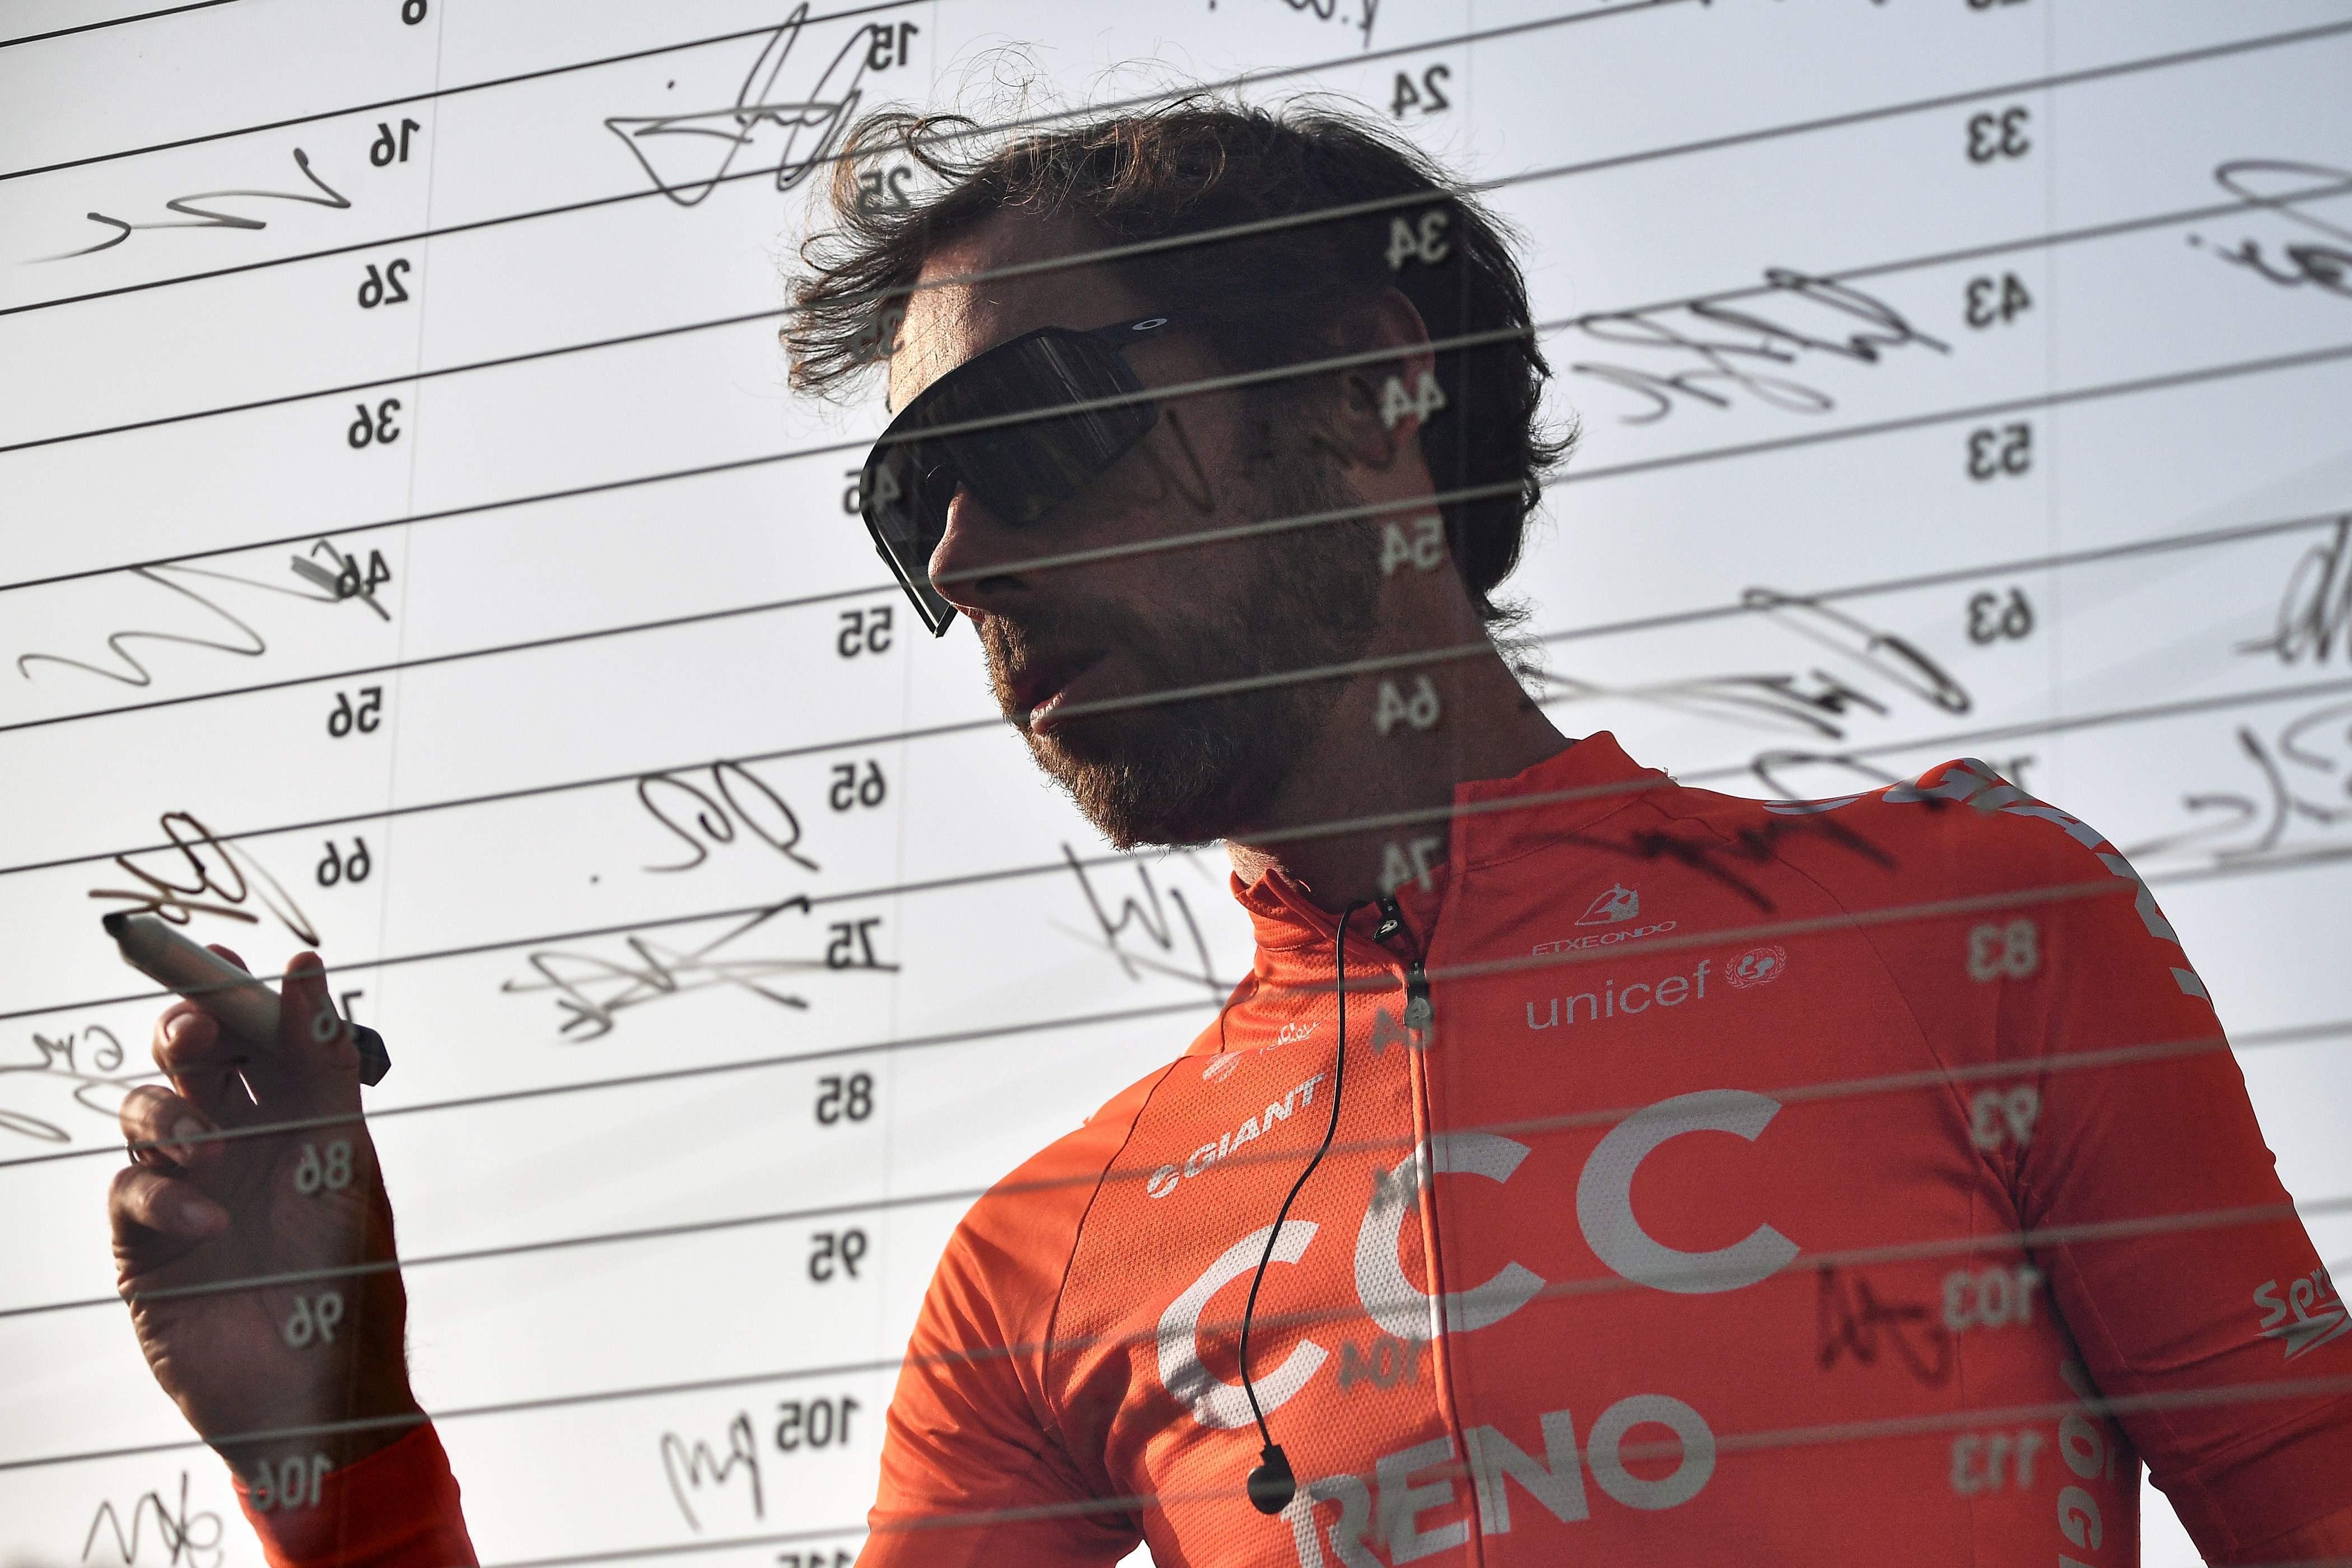 Laurens ten Dam: 'Stoppen met winst Bauke in Ronde van Lombardije is een sprookje' [video]